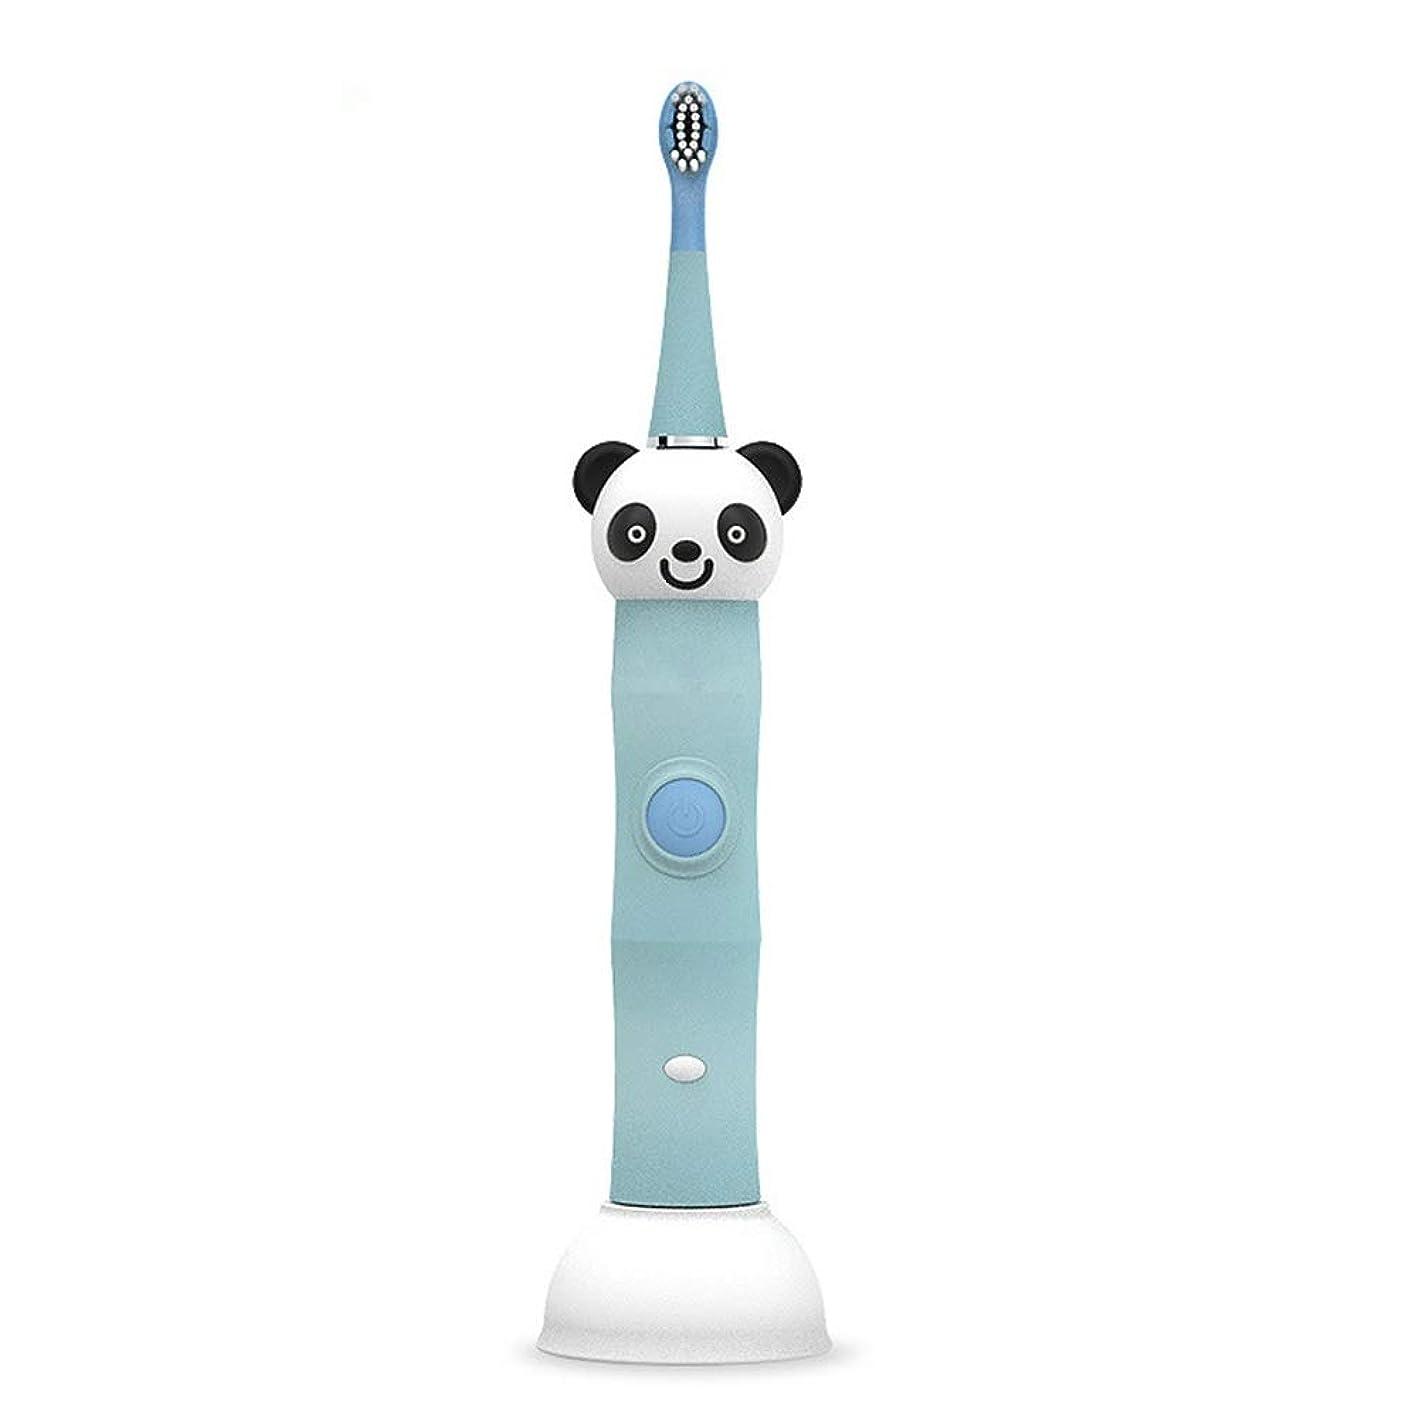 昼寝神聖インタラクション家庭用電動歯ブラシ USBの充満基盤の柔らかい毛のきれいな歯ブラシと防水子供の電動歯ブラシ 男性用女性子供大人 (色 : 青, サイズ : Free size)